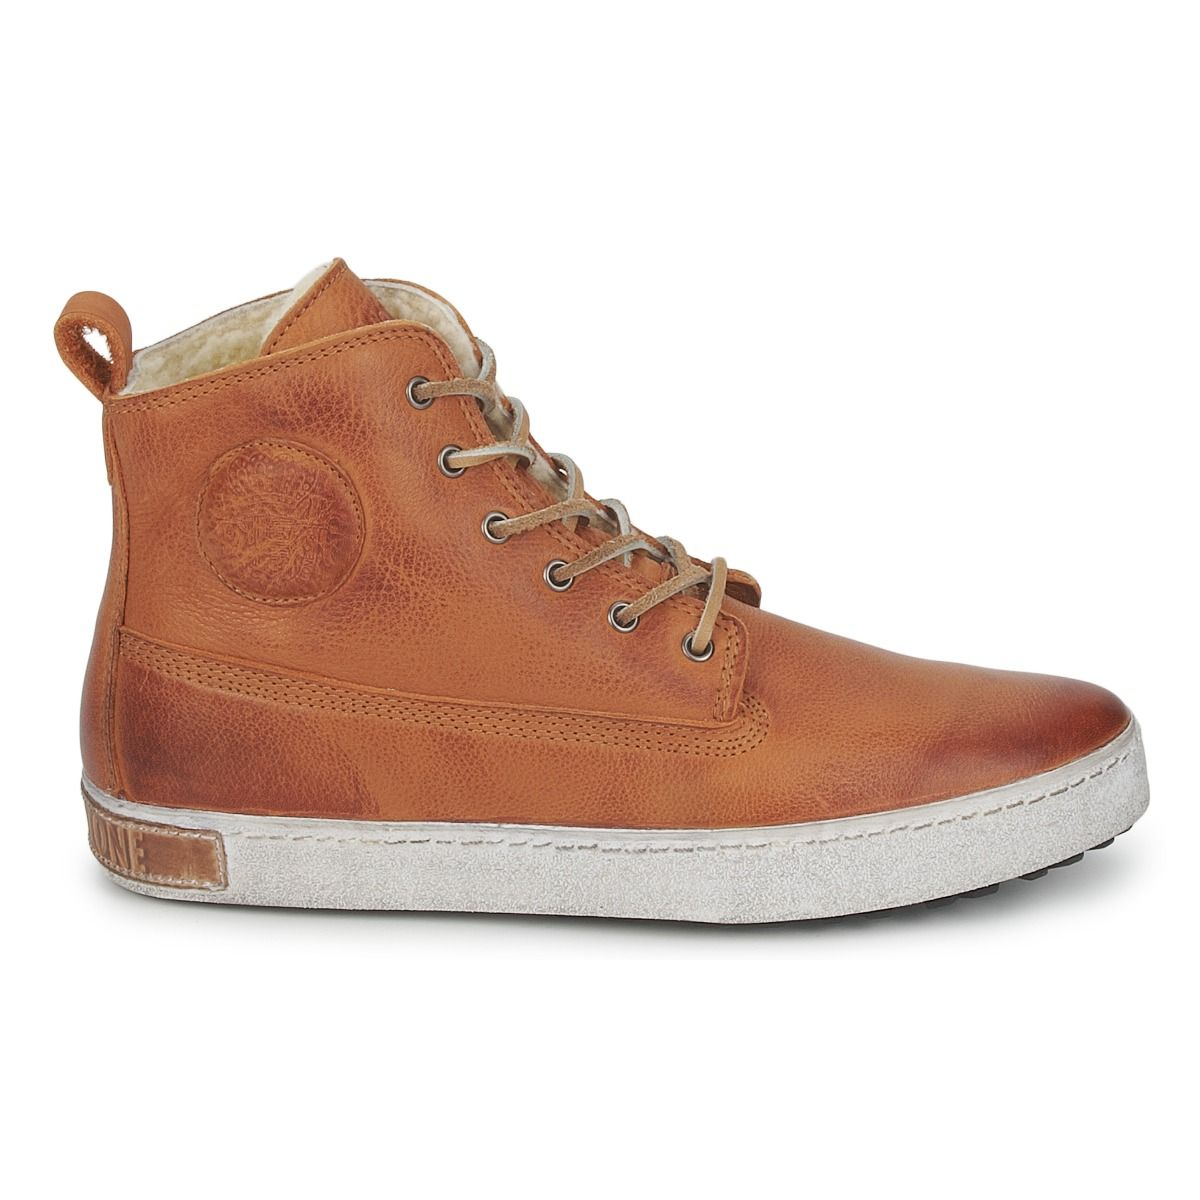 Découvrez les chaussures casual Worker homme en marron